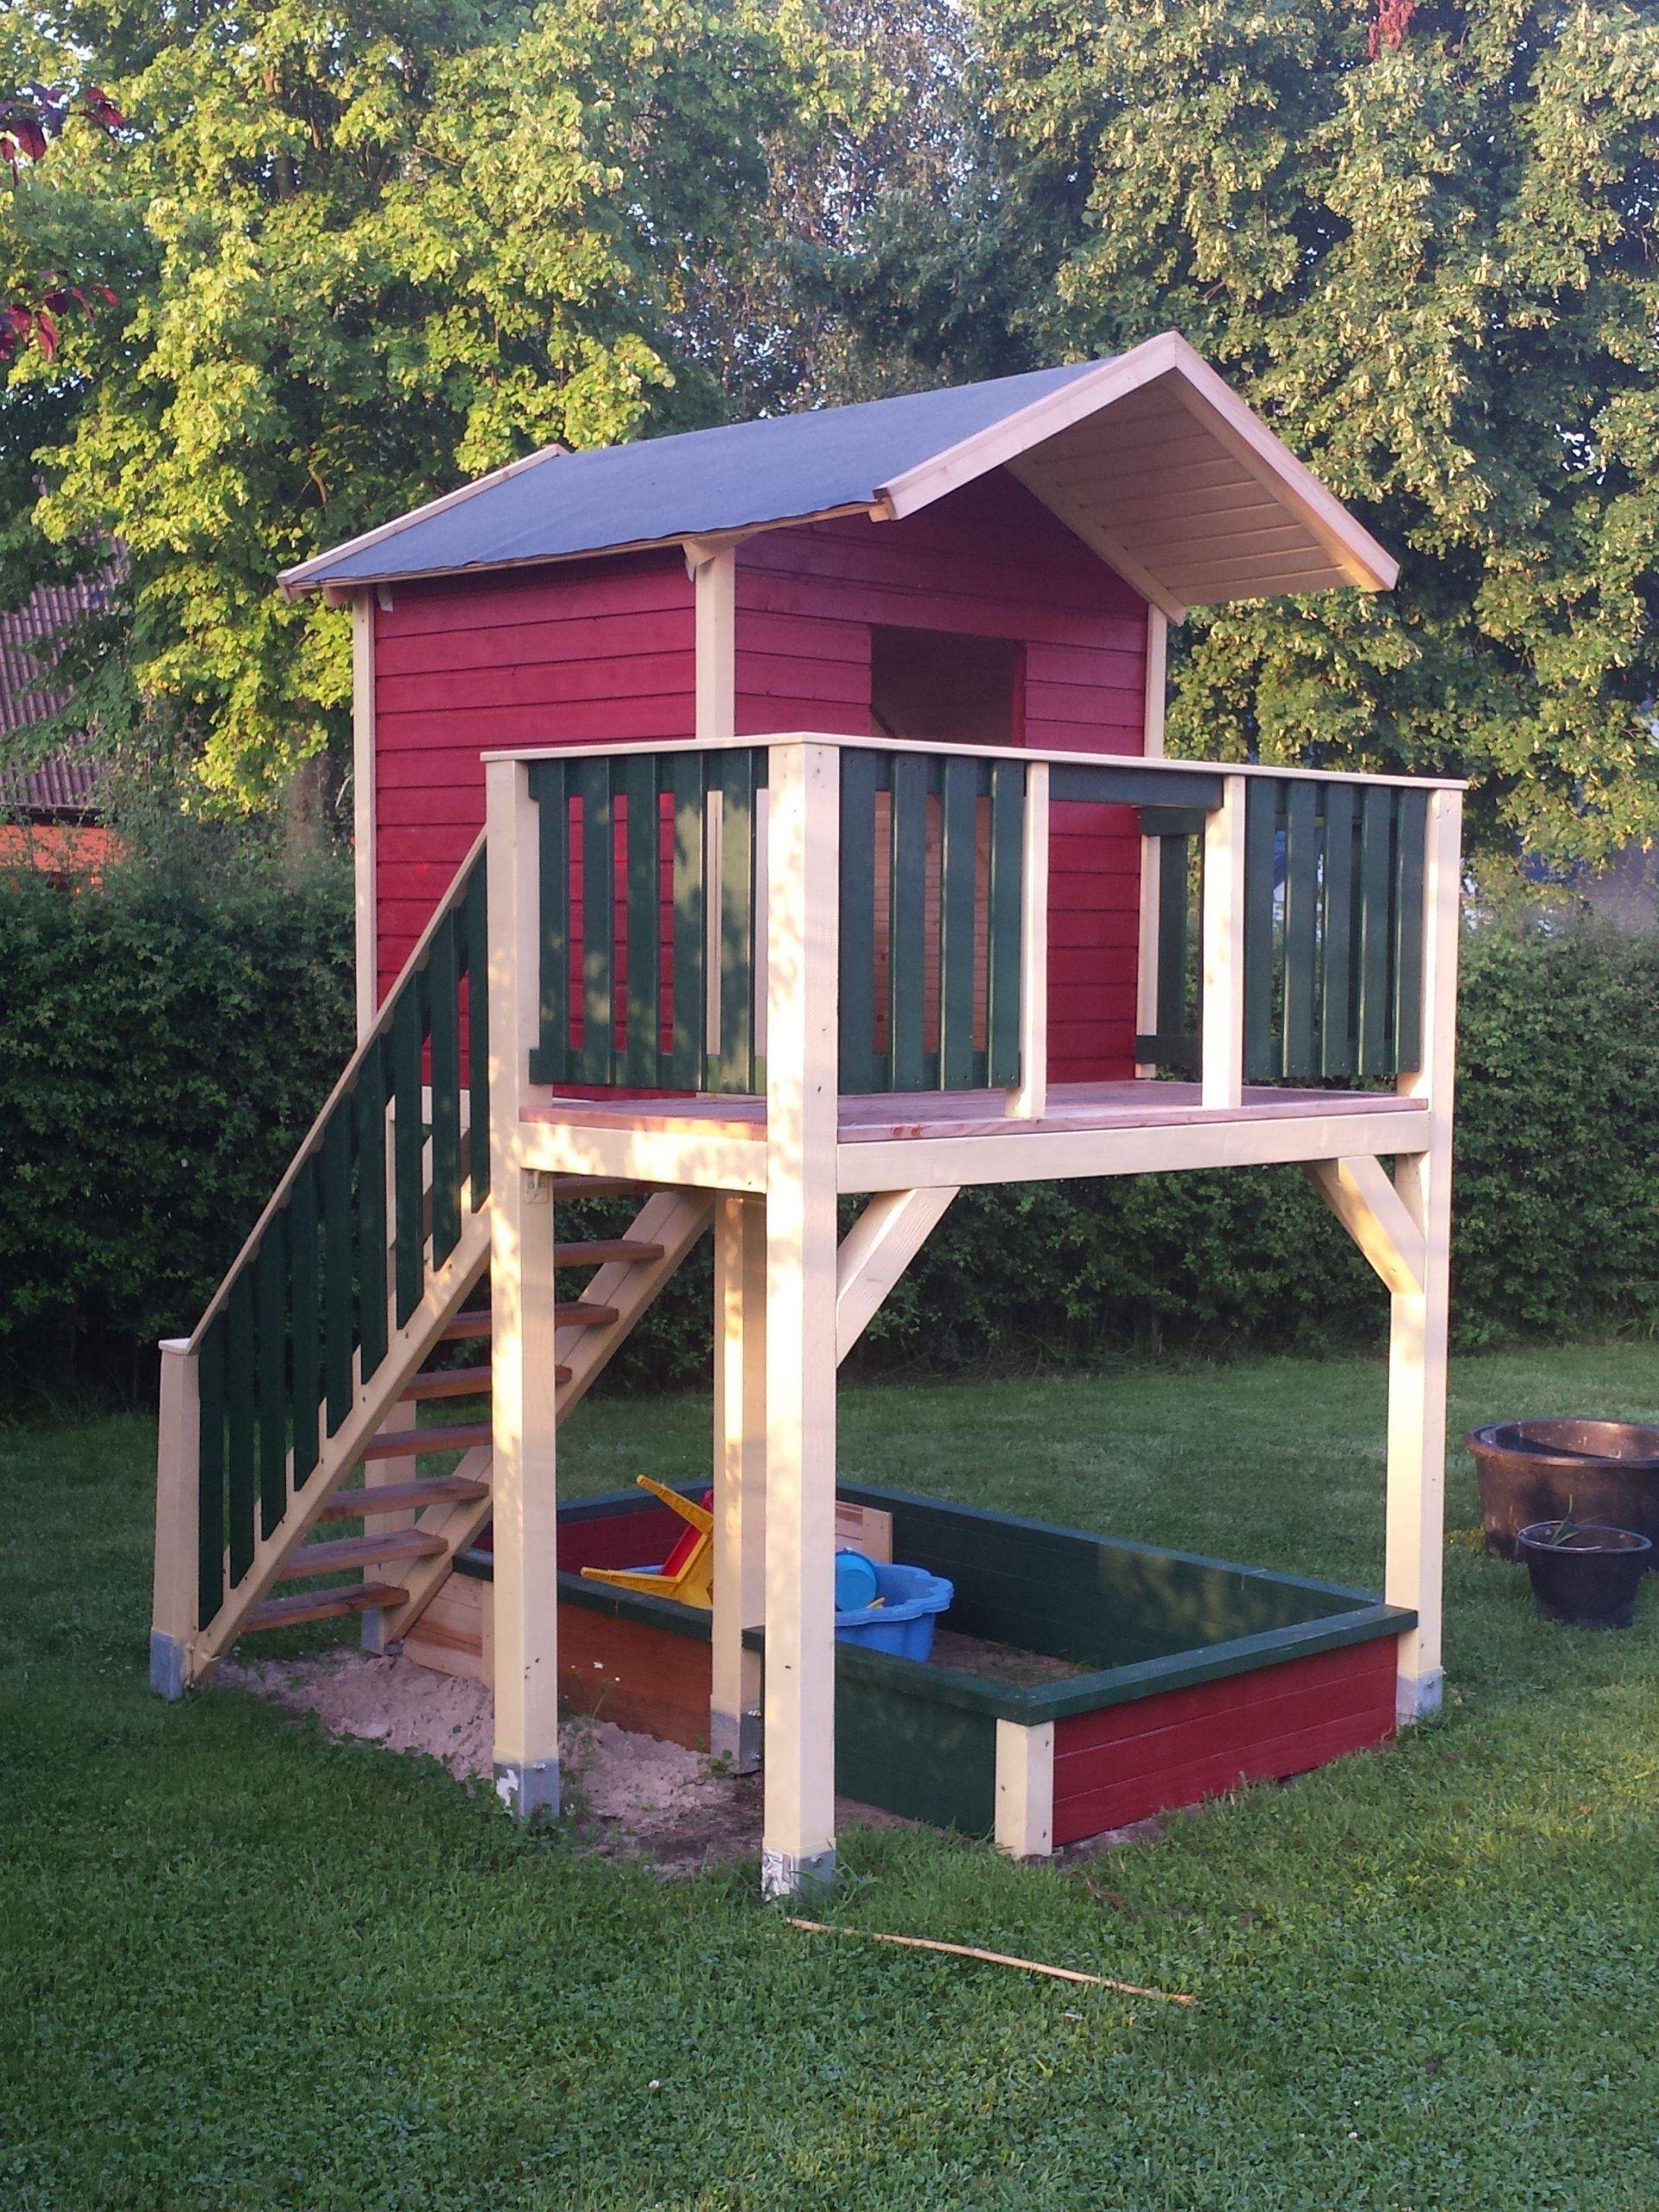 Holzhaus Kinder Garten Elegant Spielturm Mit Treppe Bauanleitung Zum Selber Bauen